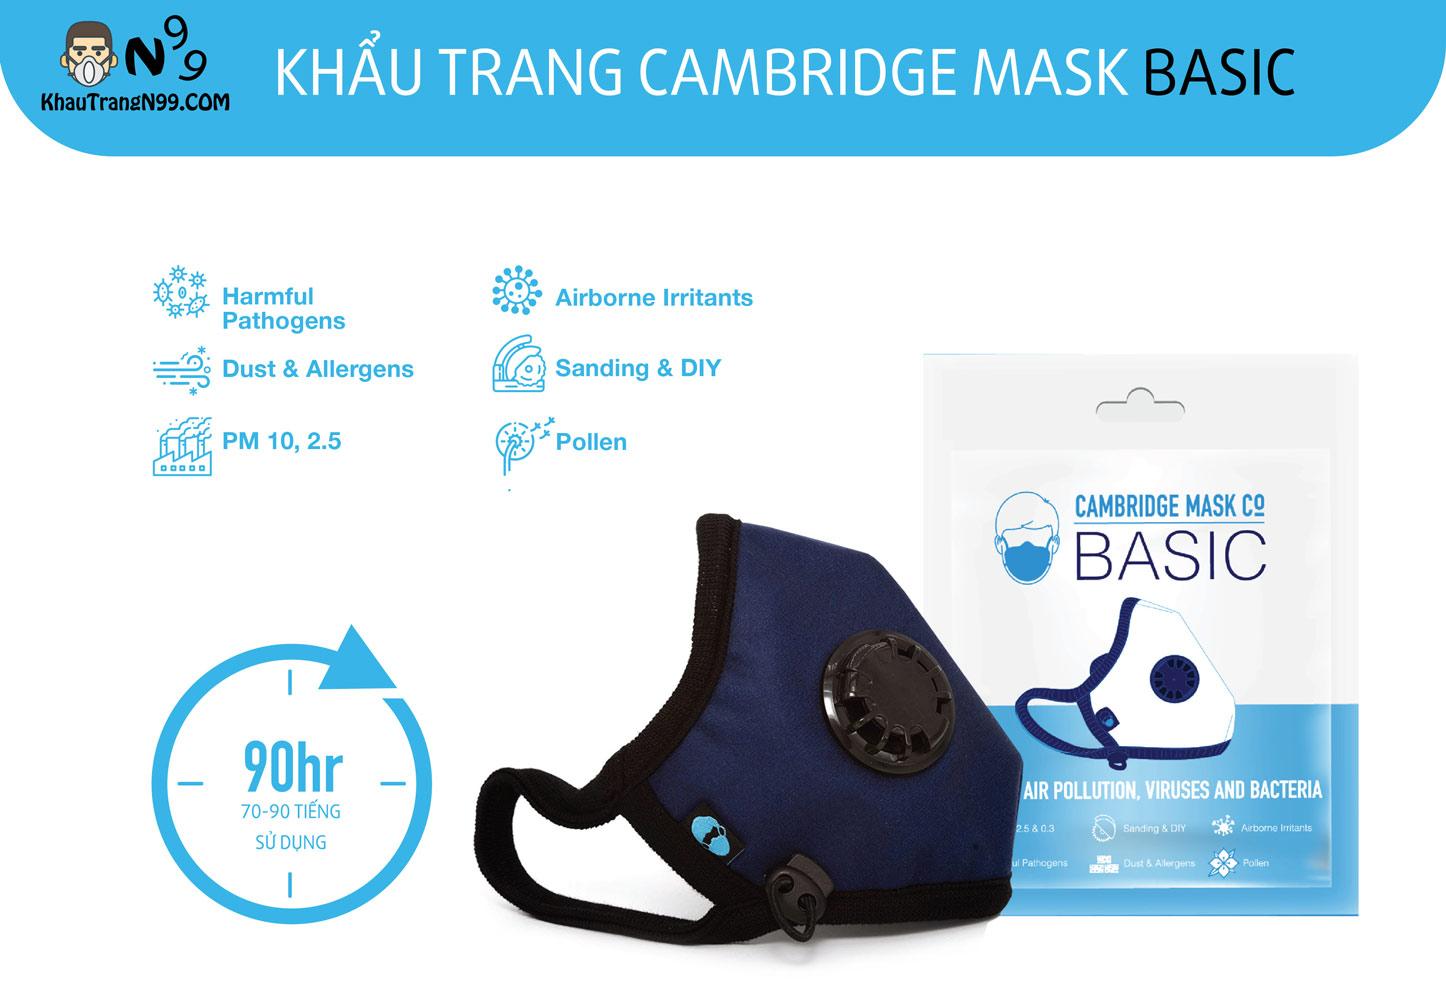 Tác dụng khẩu trang cambridge mask n95 basic